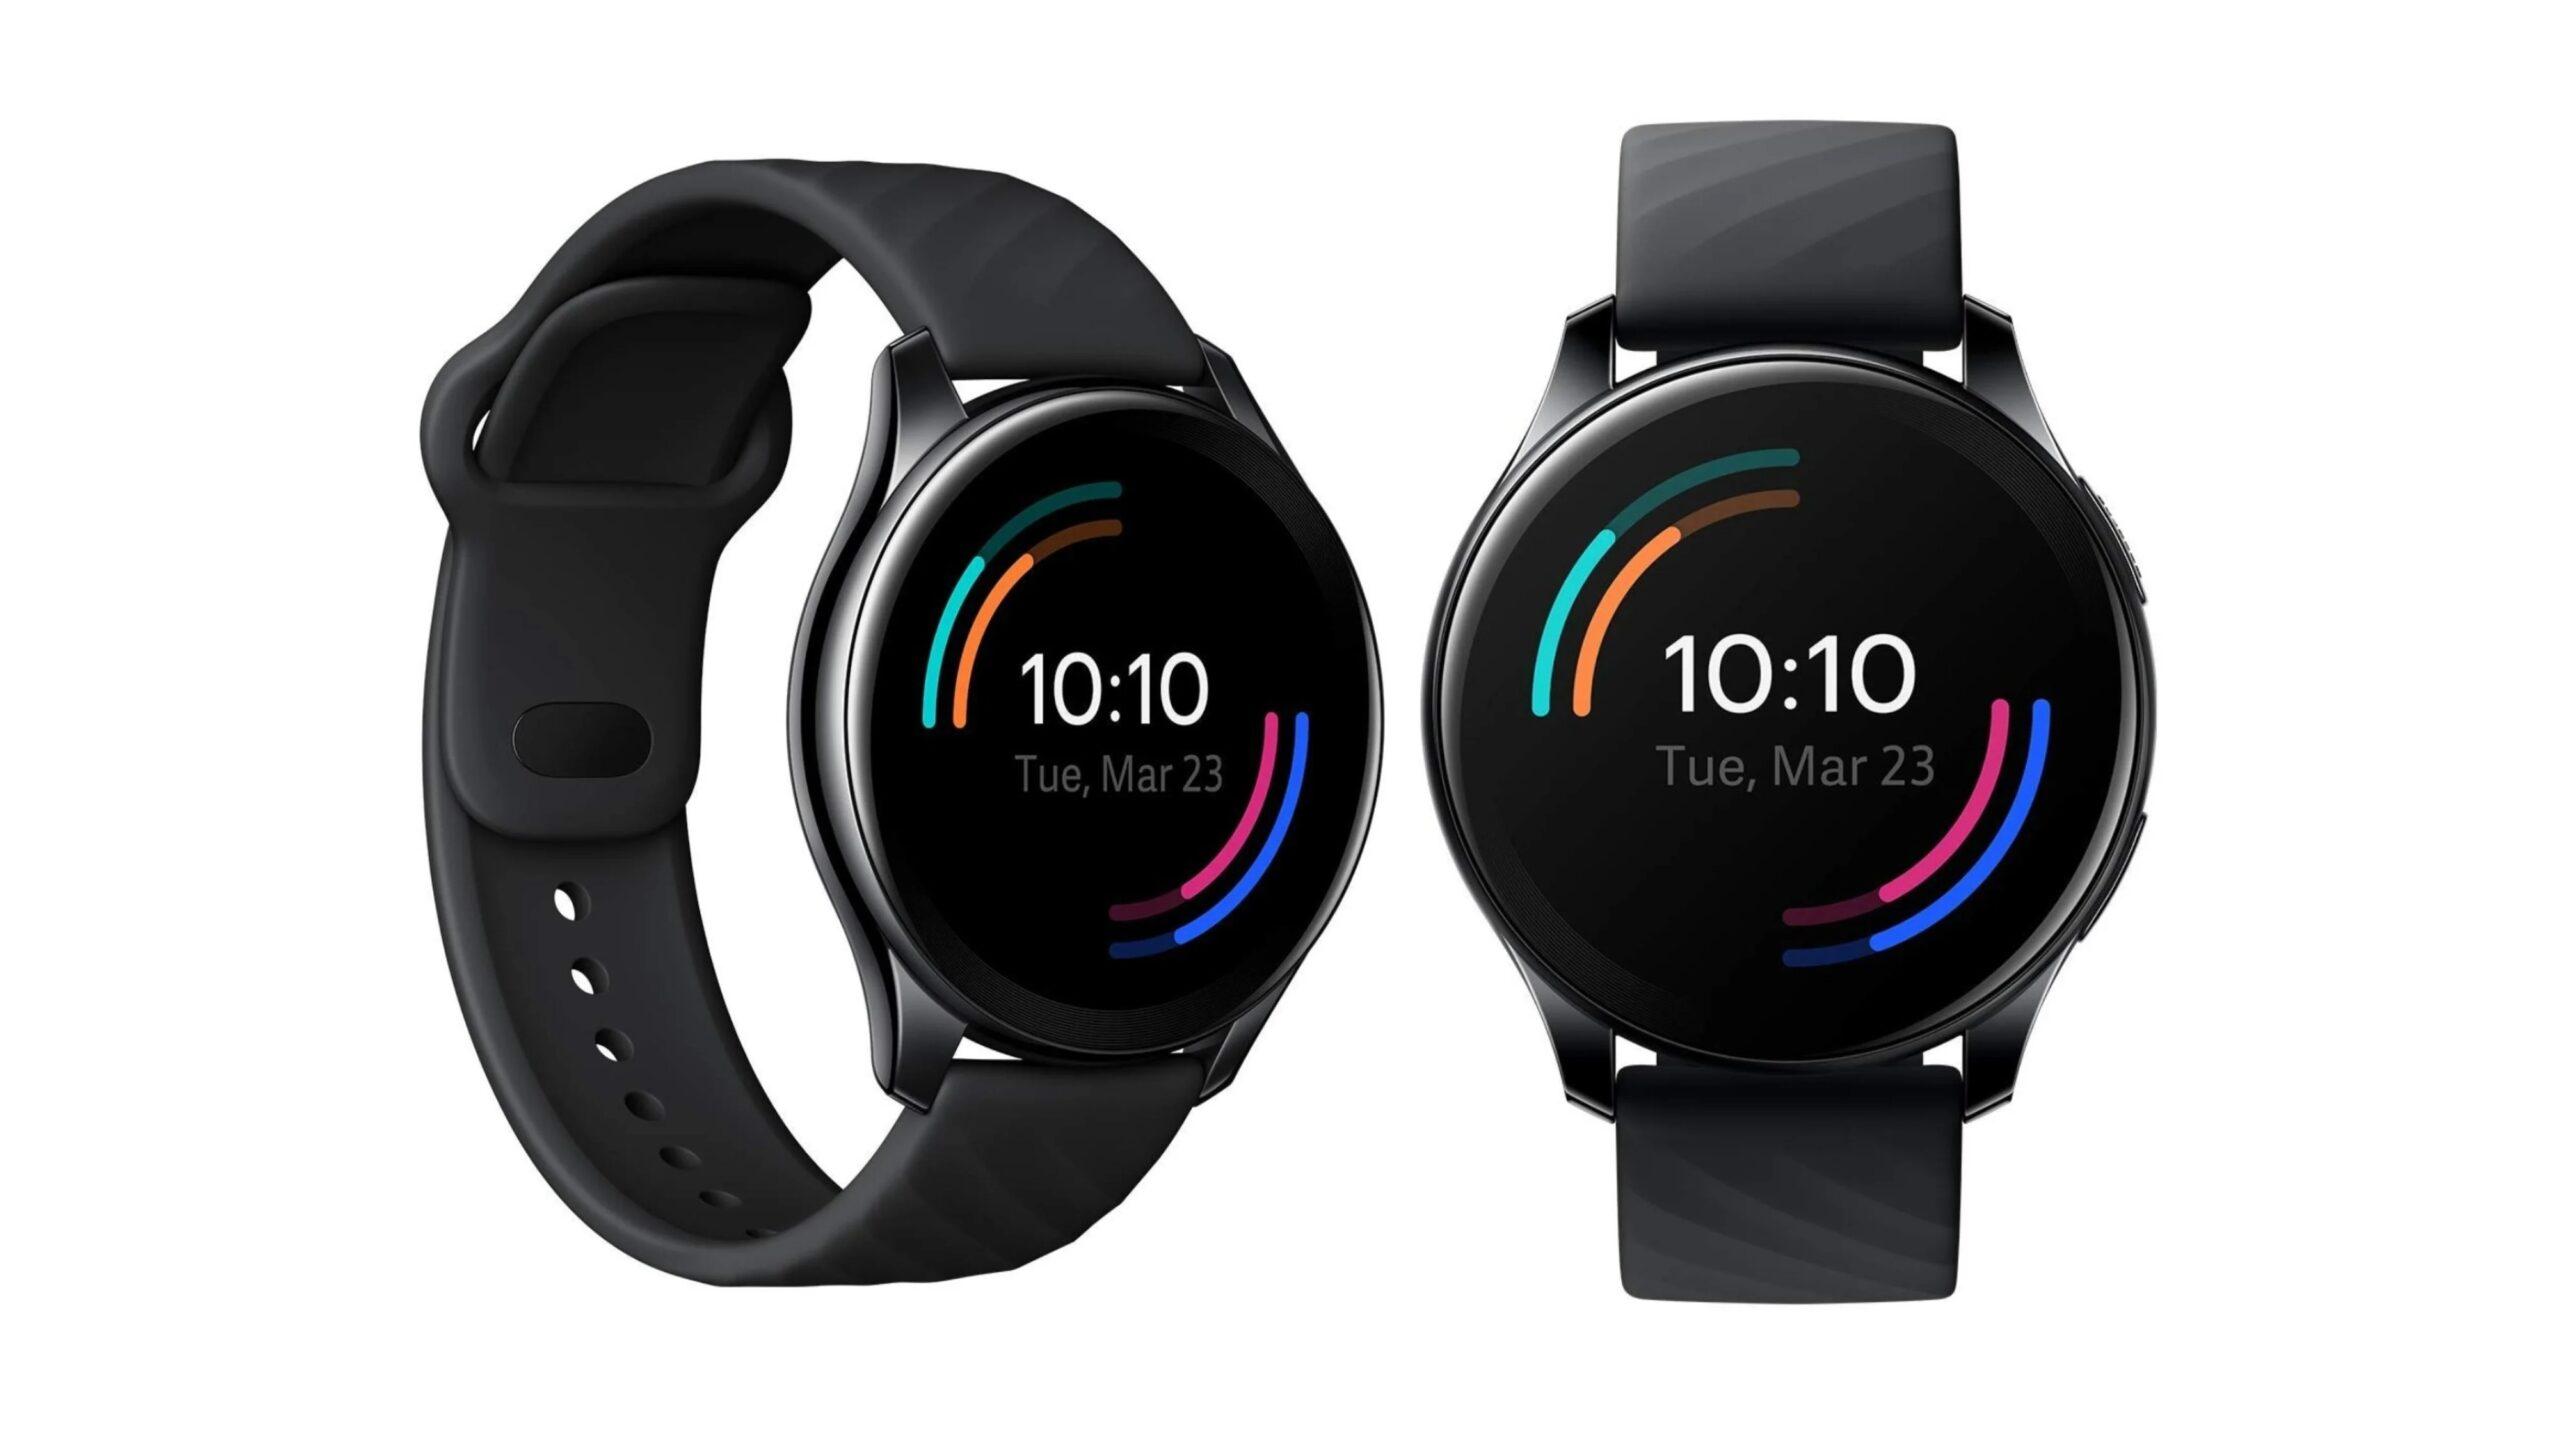 OnePlus Watch ra mắt: Thiết kế giống OPPO Watch RX, màn hình OLED, IP68, pin 2 tuần, giá 159 USD - Ảnh 2.